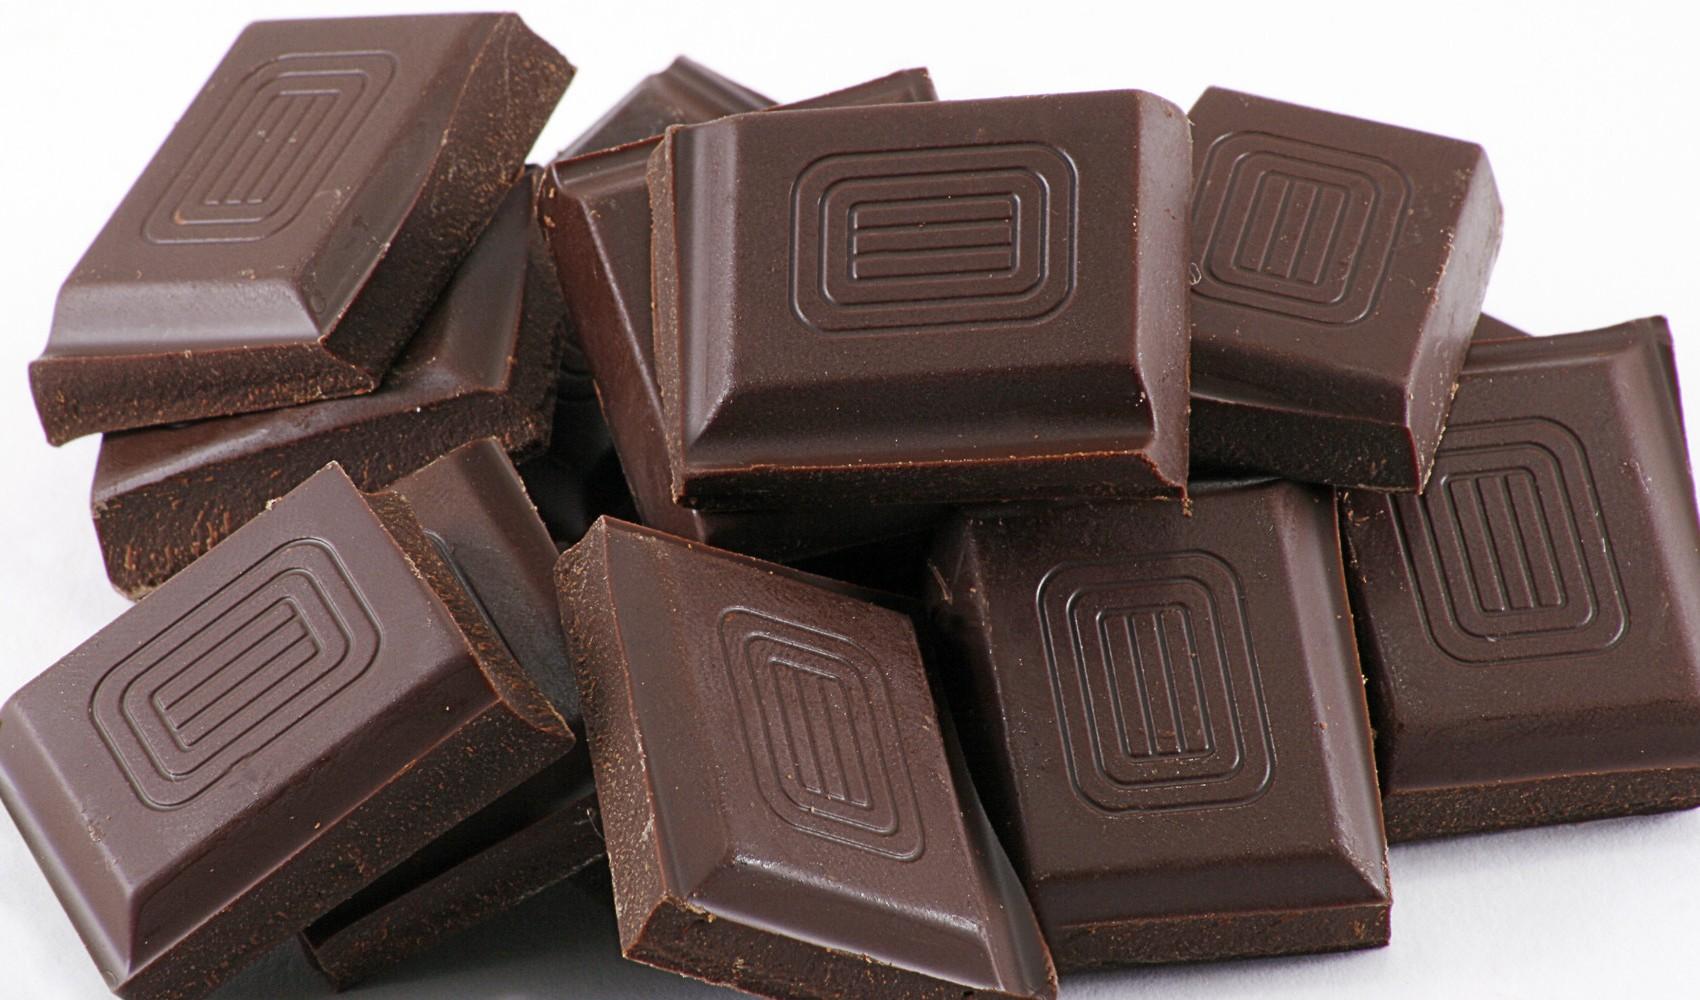 Manfaat-Makan-Coklat-Bagi-Kesehatan-Untuk-Kecantikan